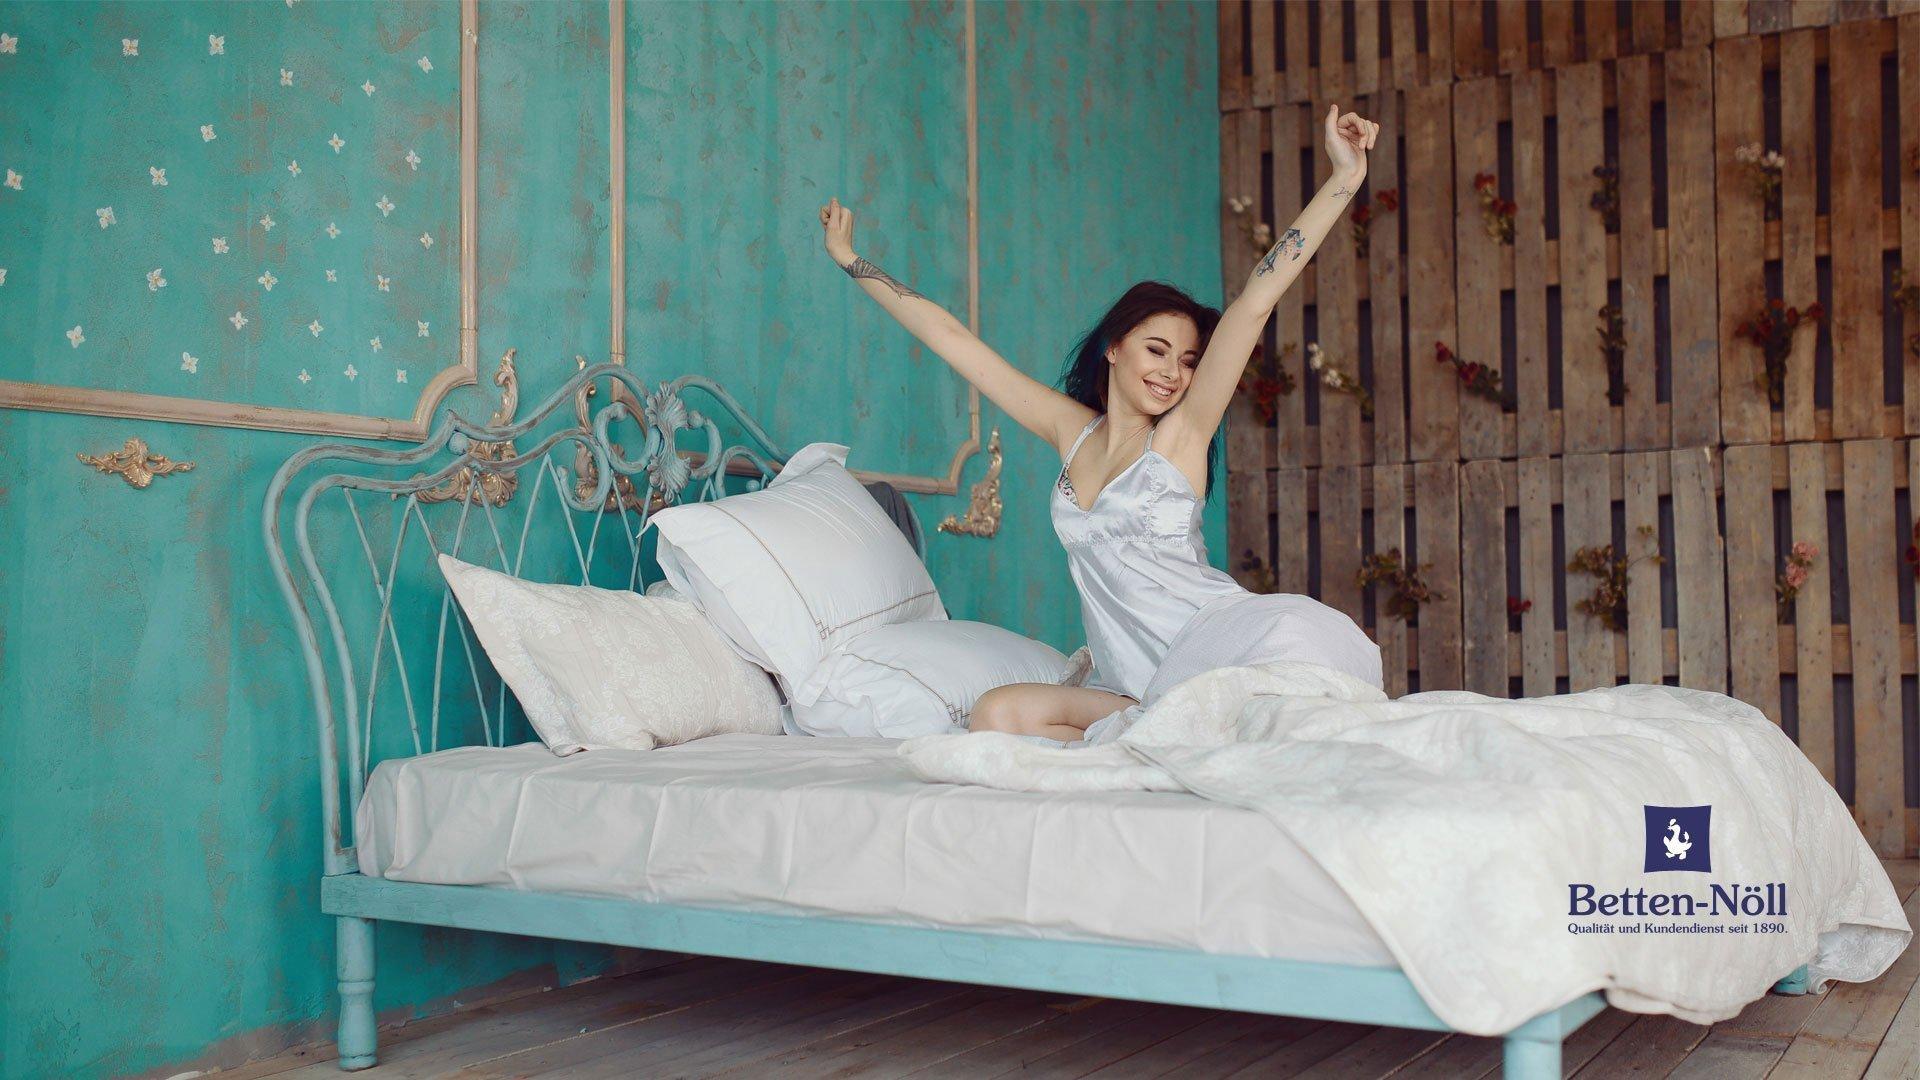 Betten Nöll seit 1890